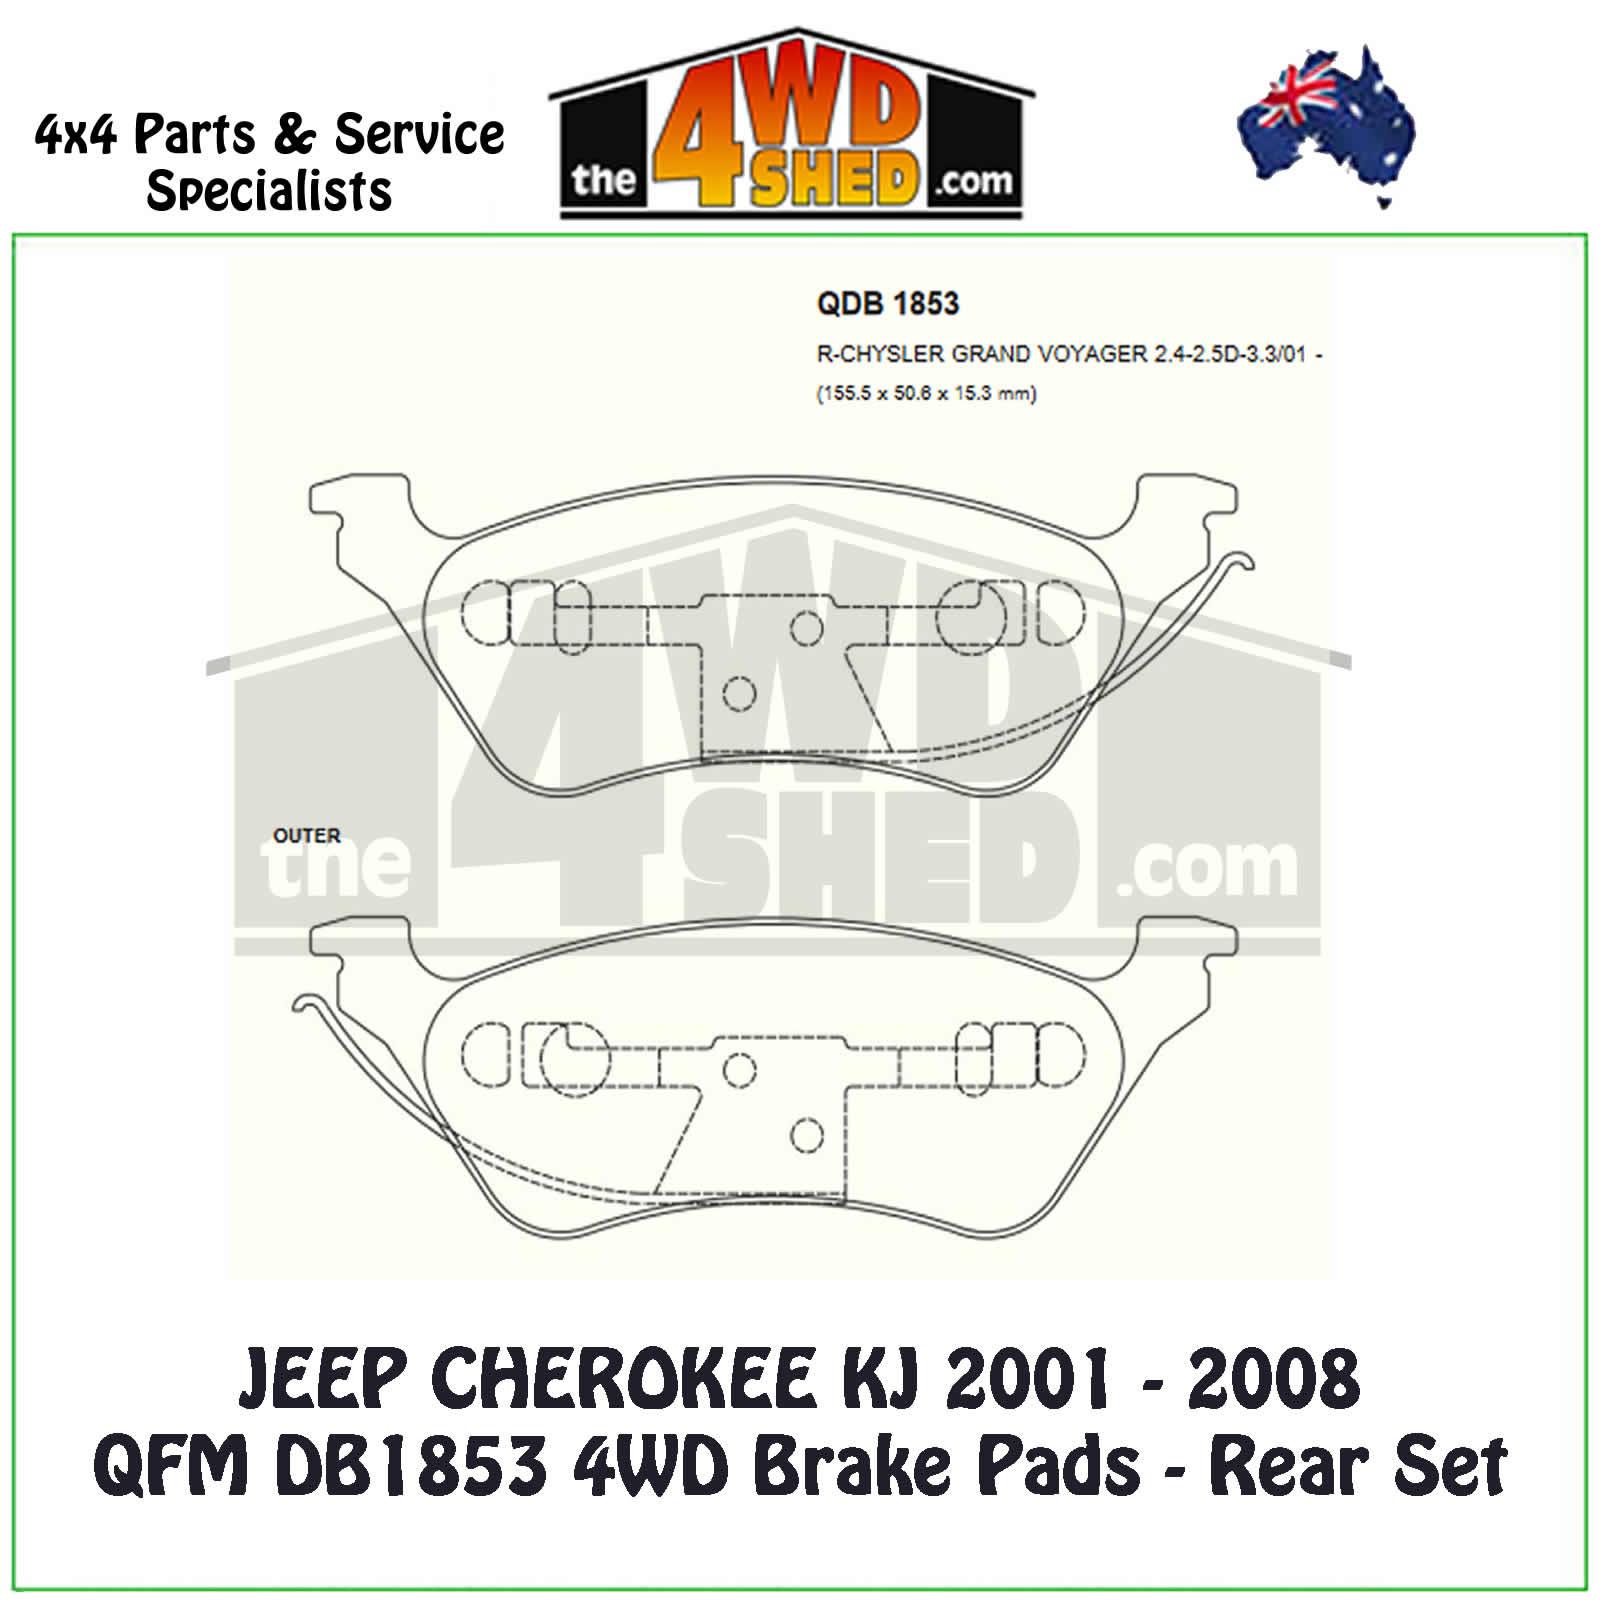 hight resolution of jeep cherokee kj 2001 2008 rear brake pads qfm db1853 4wd